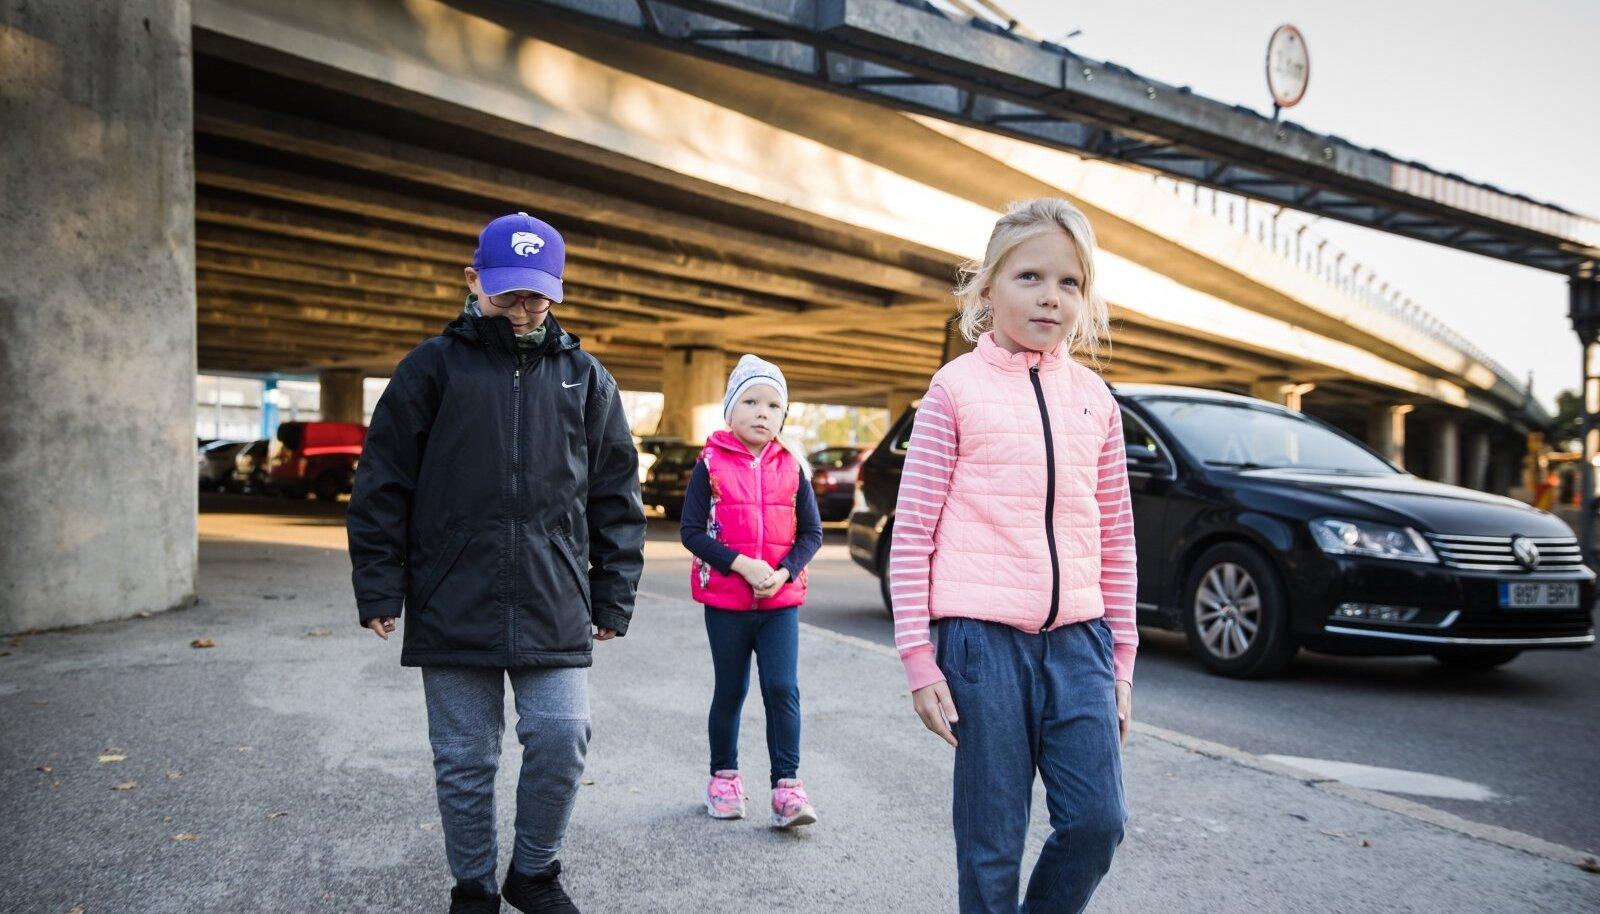 Uues Maailmas elavad lapsed Lennart, Brigitta ja Aurora lähevad igal hommikul viadukti alt kooli, sest nii on kõige turvalisem. Nende vanemad on aga mures, et uus bussiparkla lööb sellegi turvalisuse kõikuma.